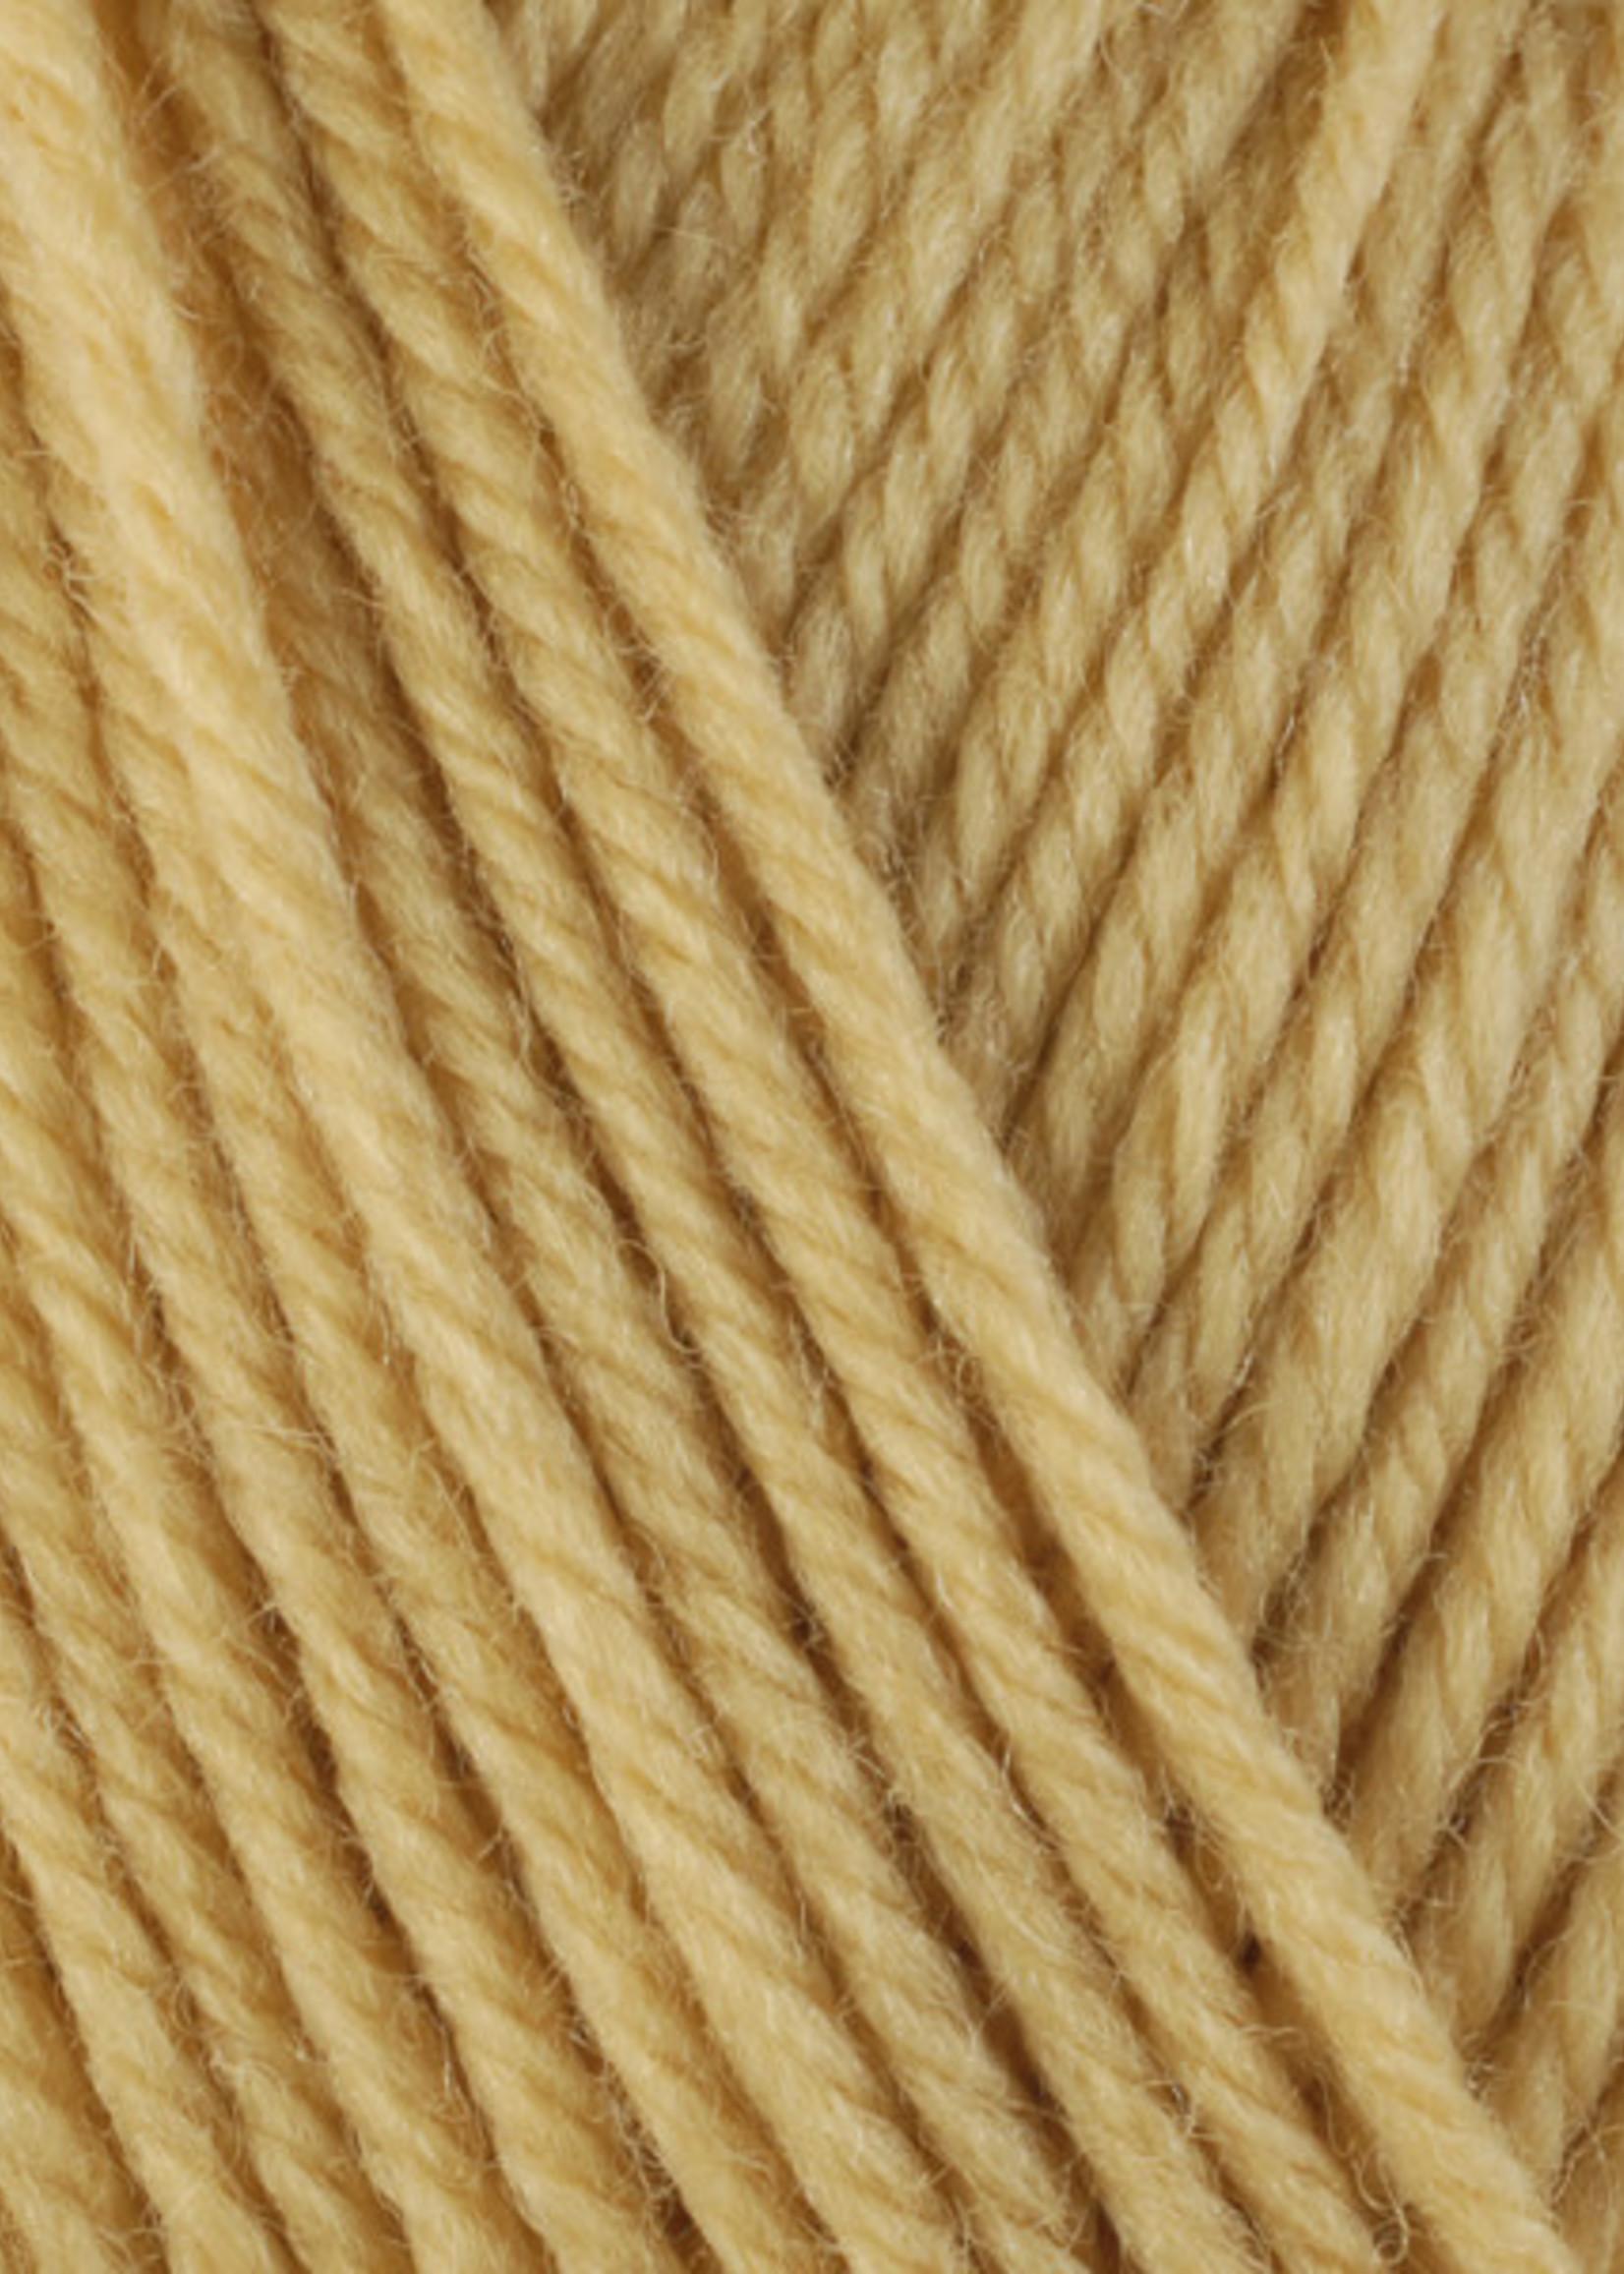 Berroco Berroco Ultra Wool 3325 Delicata